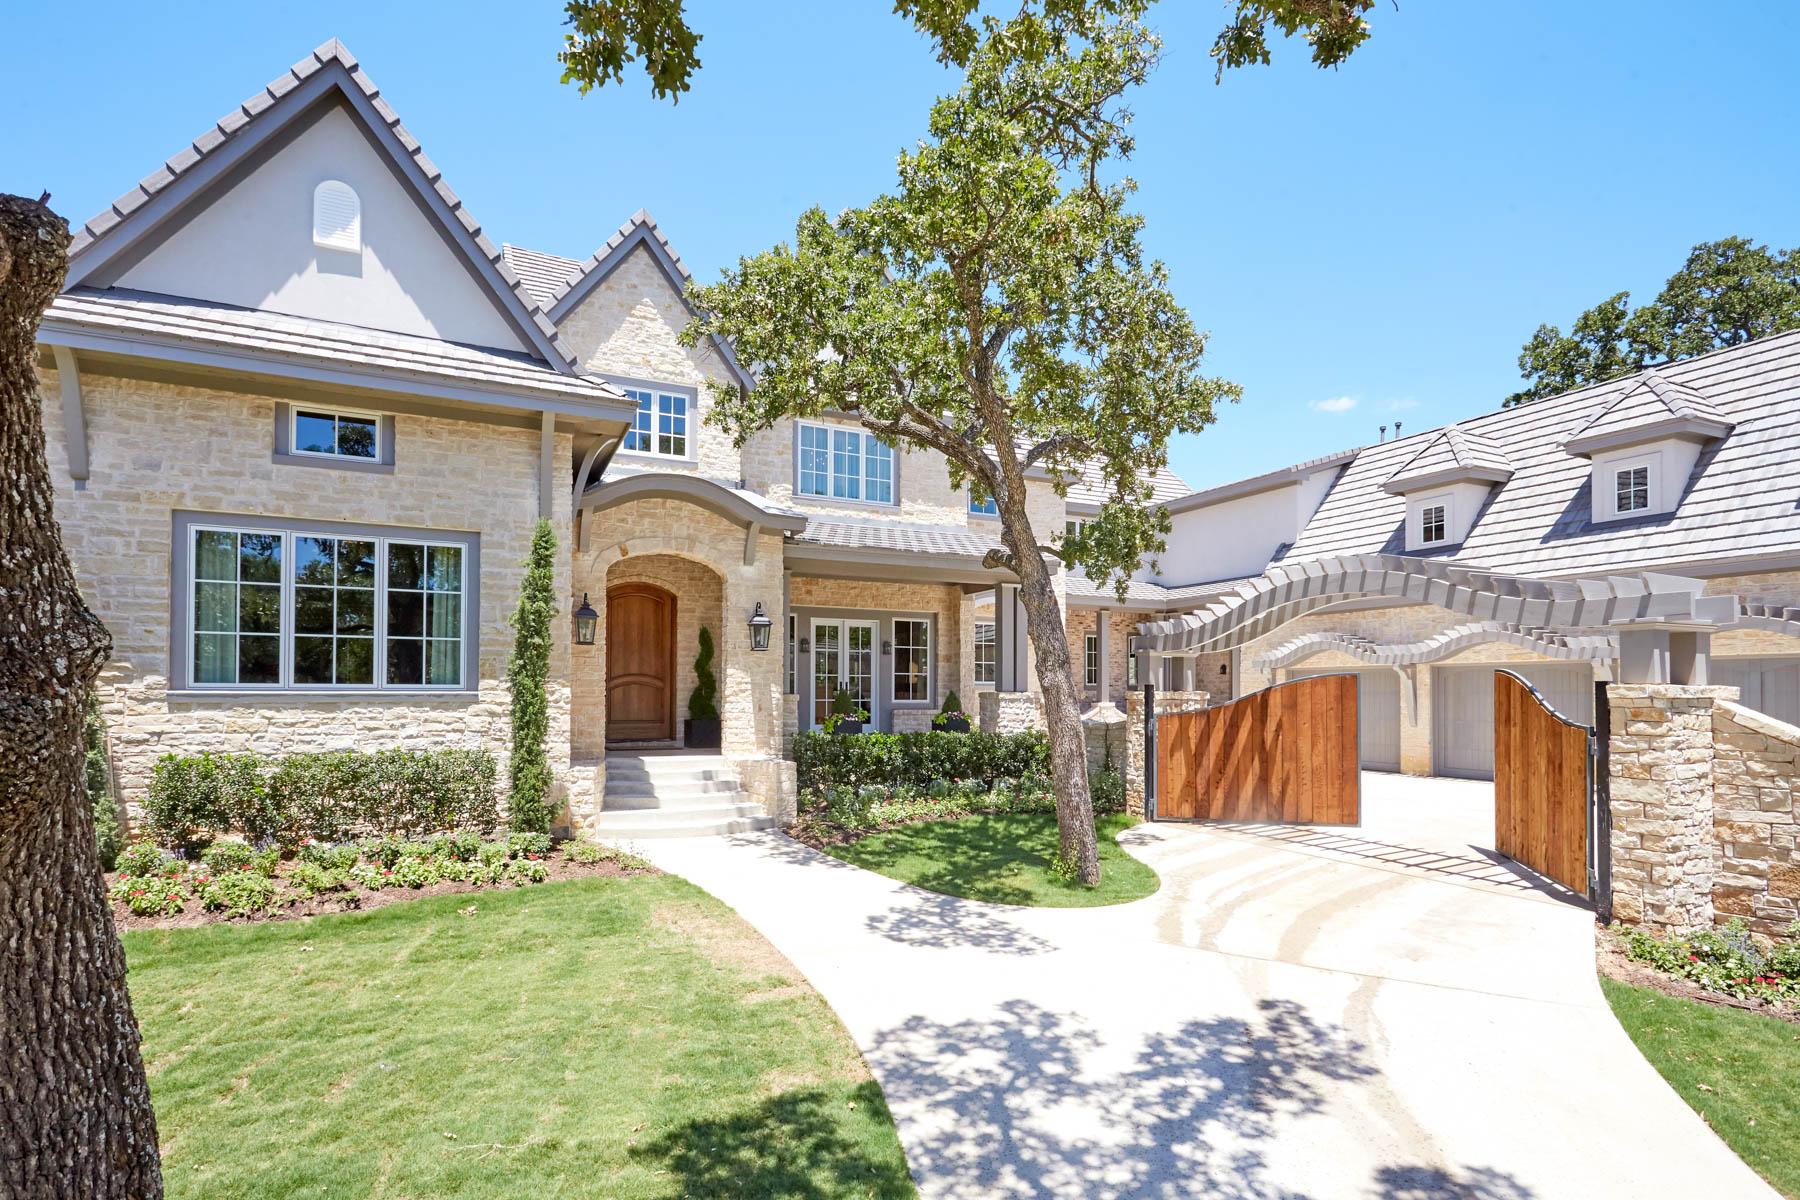 """Villa per Vendita alle ore Built as Fort Worth Magazine's """"Home of Dreams"""" 1925 Cielo Ct Keller, Texas, 76262 Stati Uniti"""